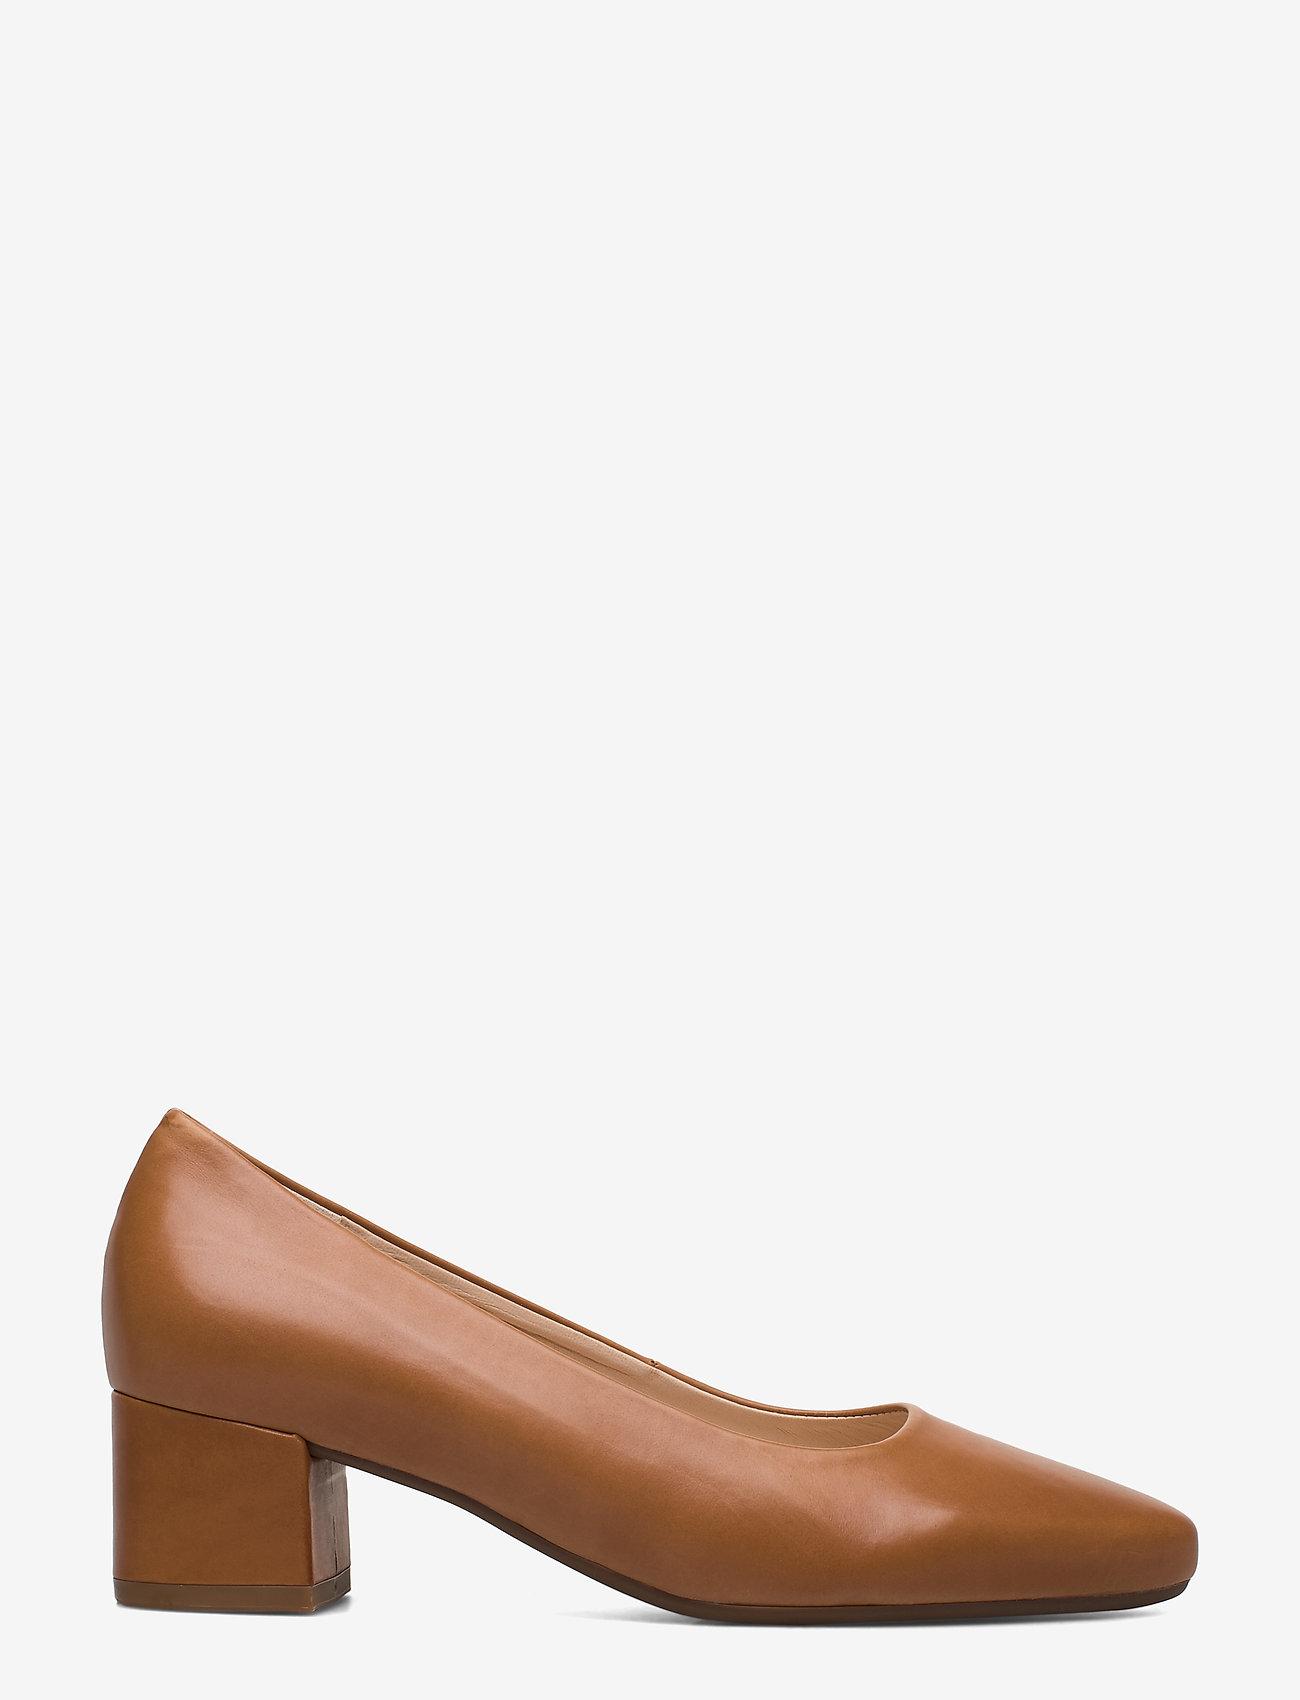 Gabor - Comfort ballerina/pumps - klassiska pumps - beige - 1